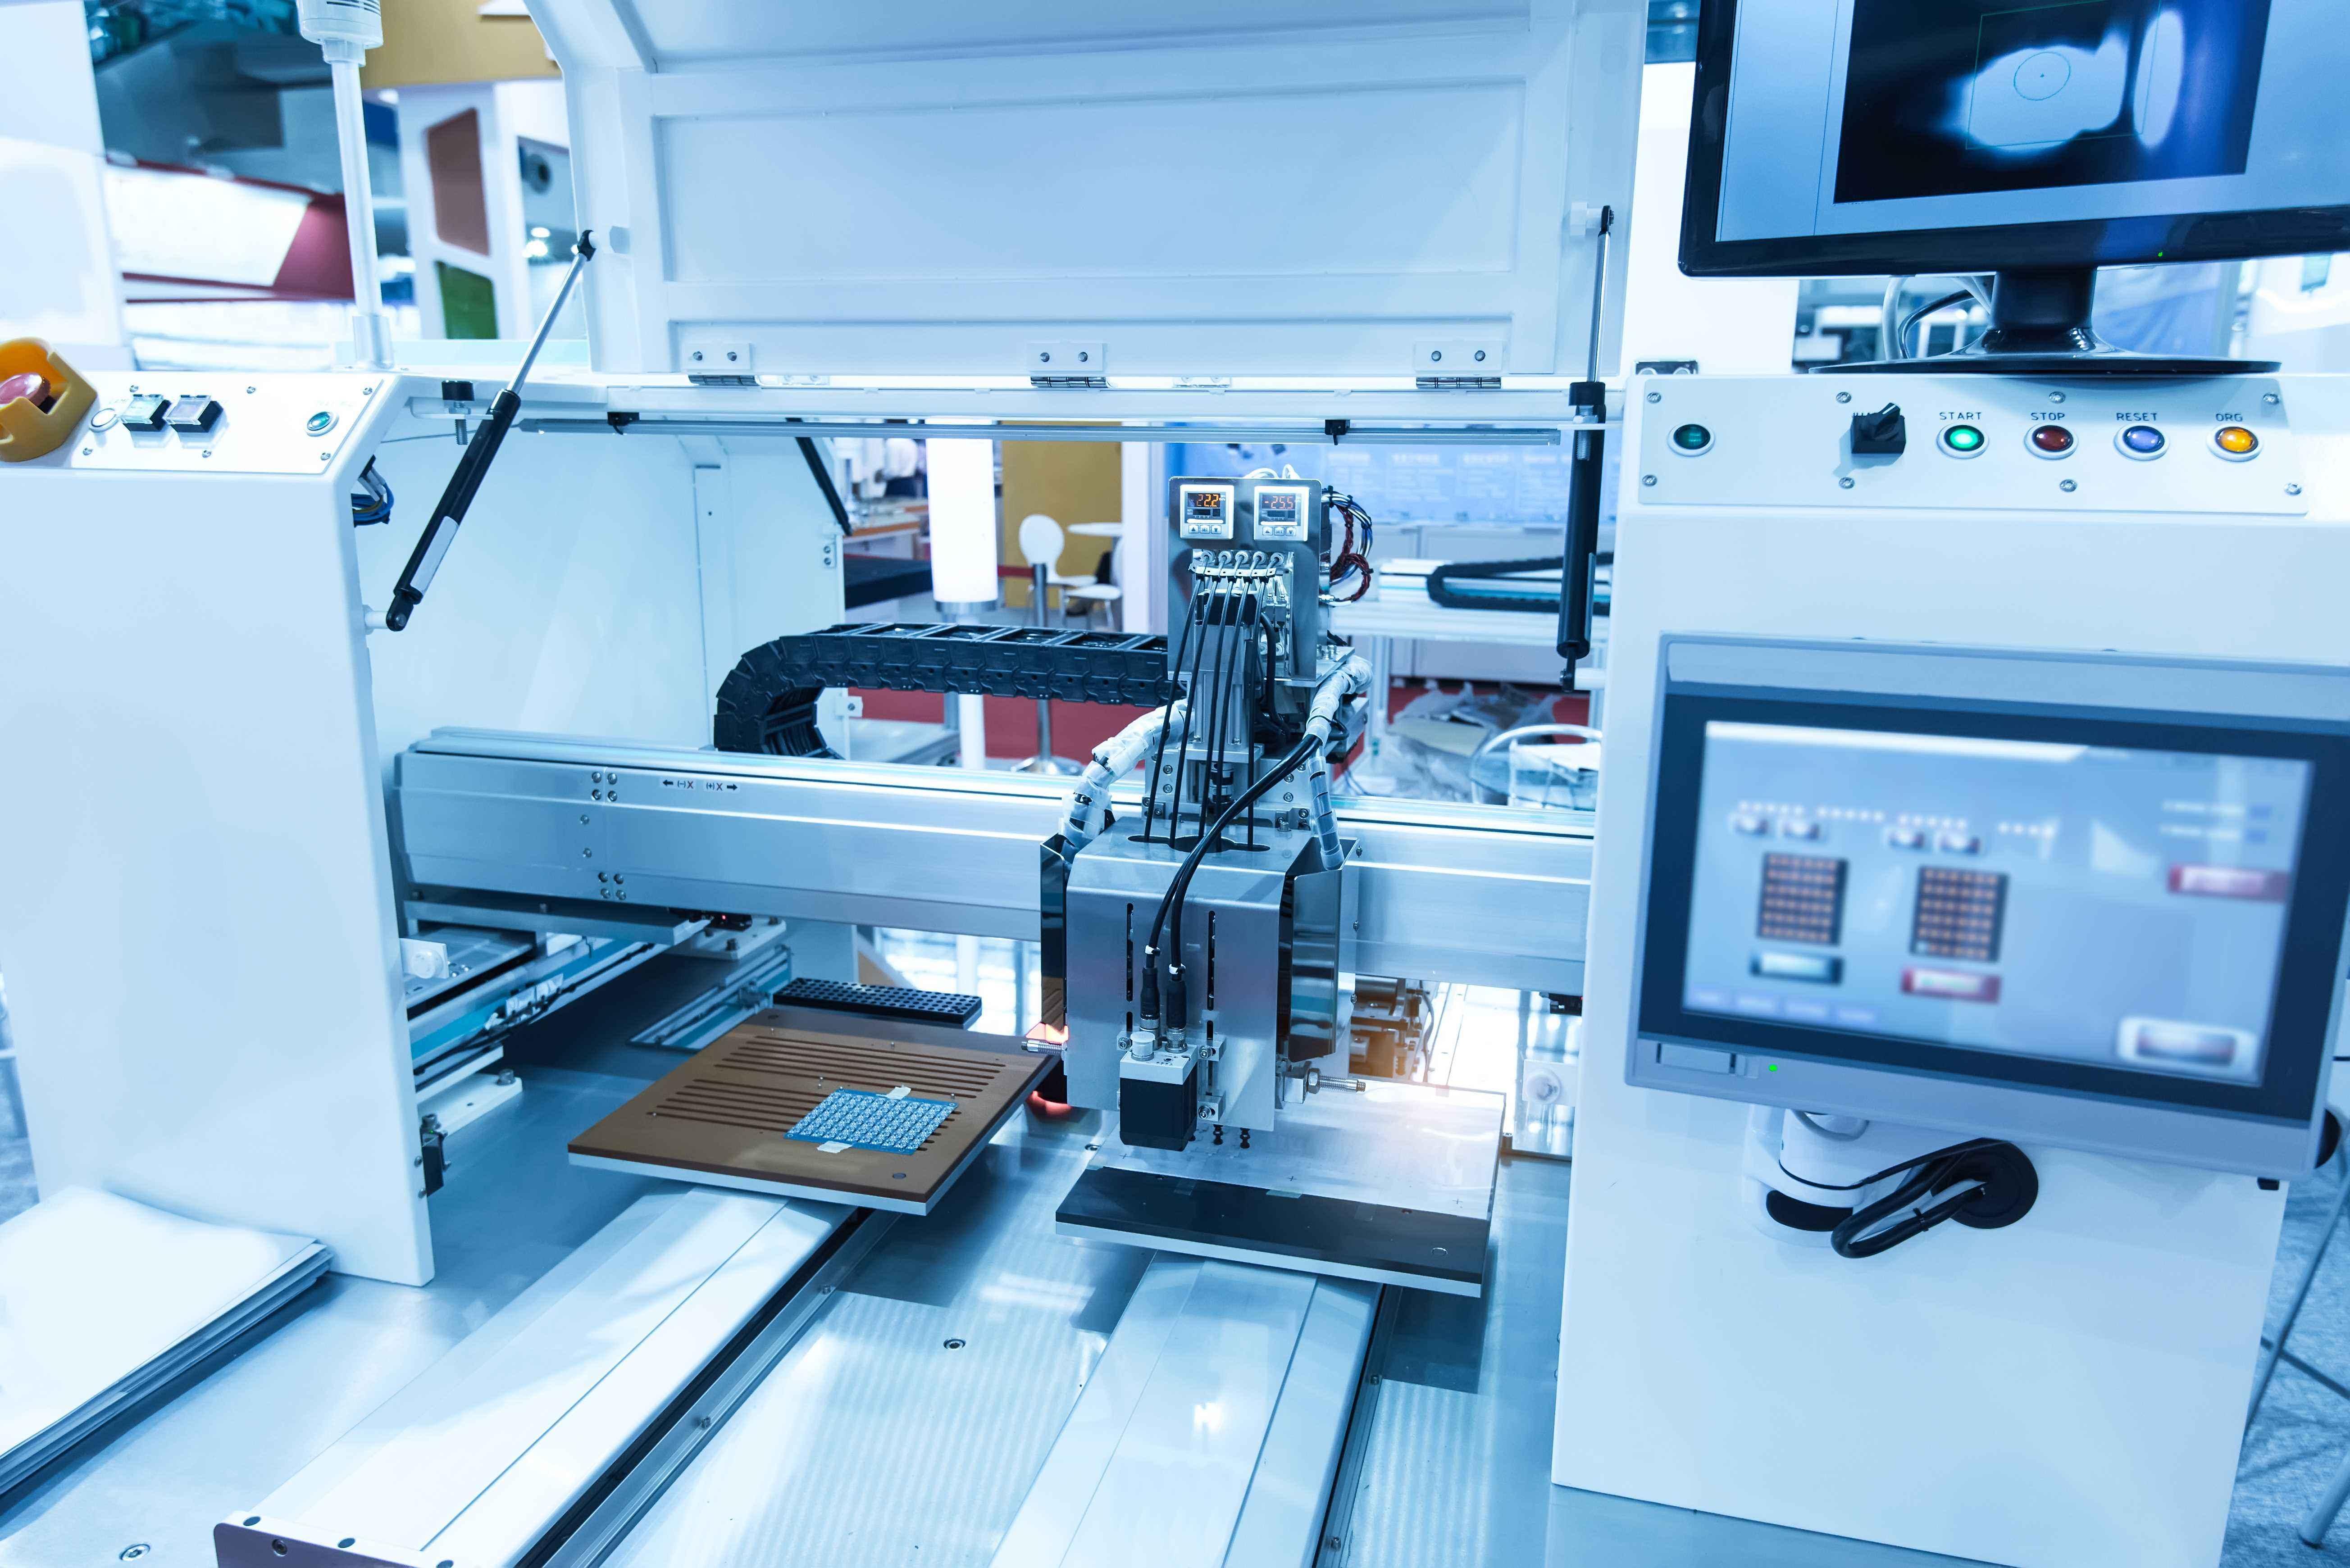 研强科技嵌入式工控机STZJ-EPC102D01A在机器视觉上的运用